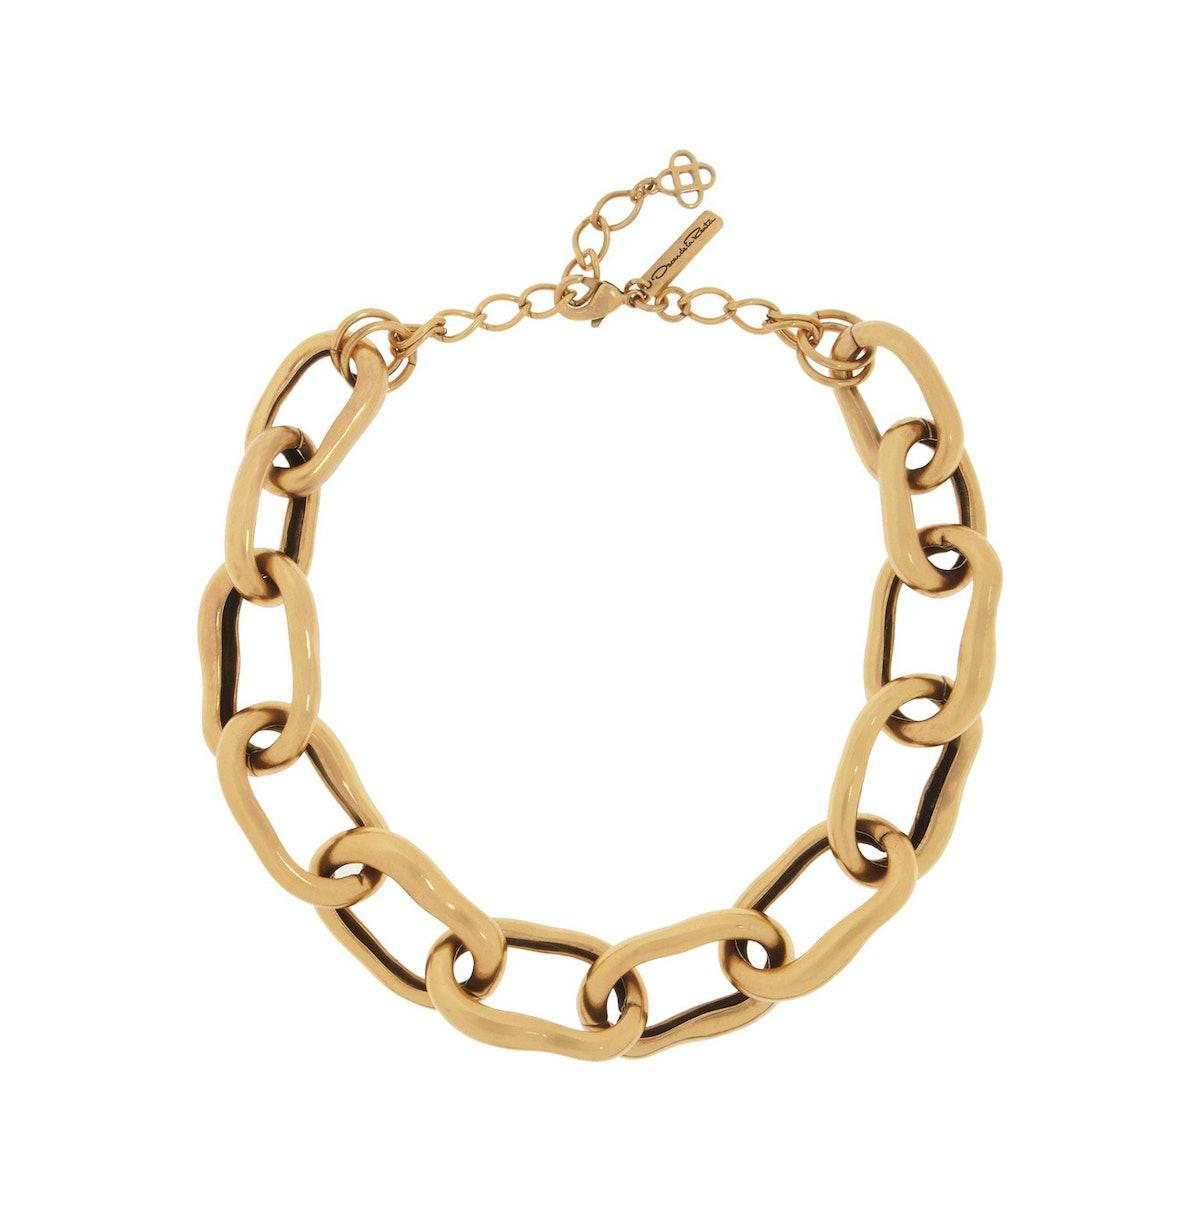 Oscar de la Renta necklace